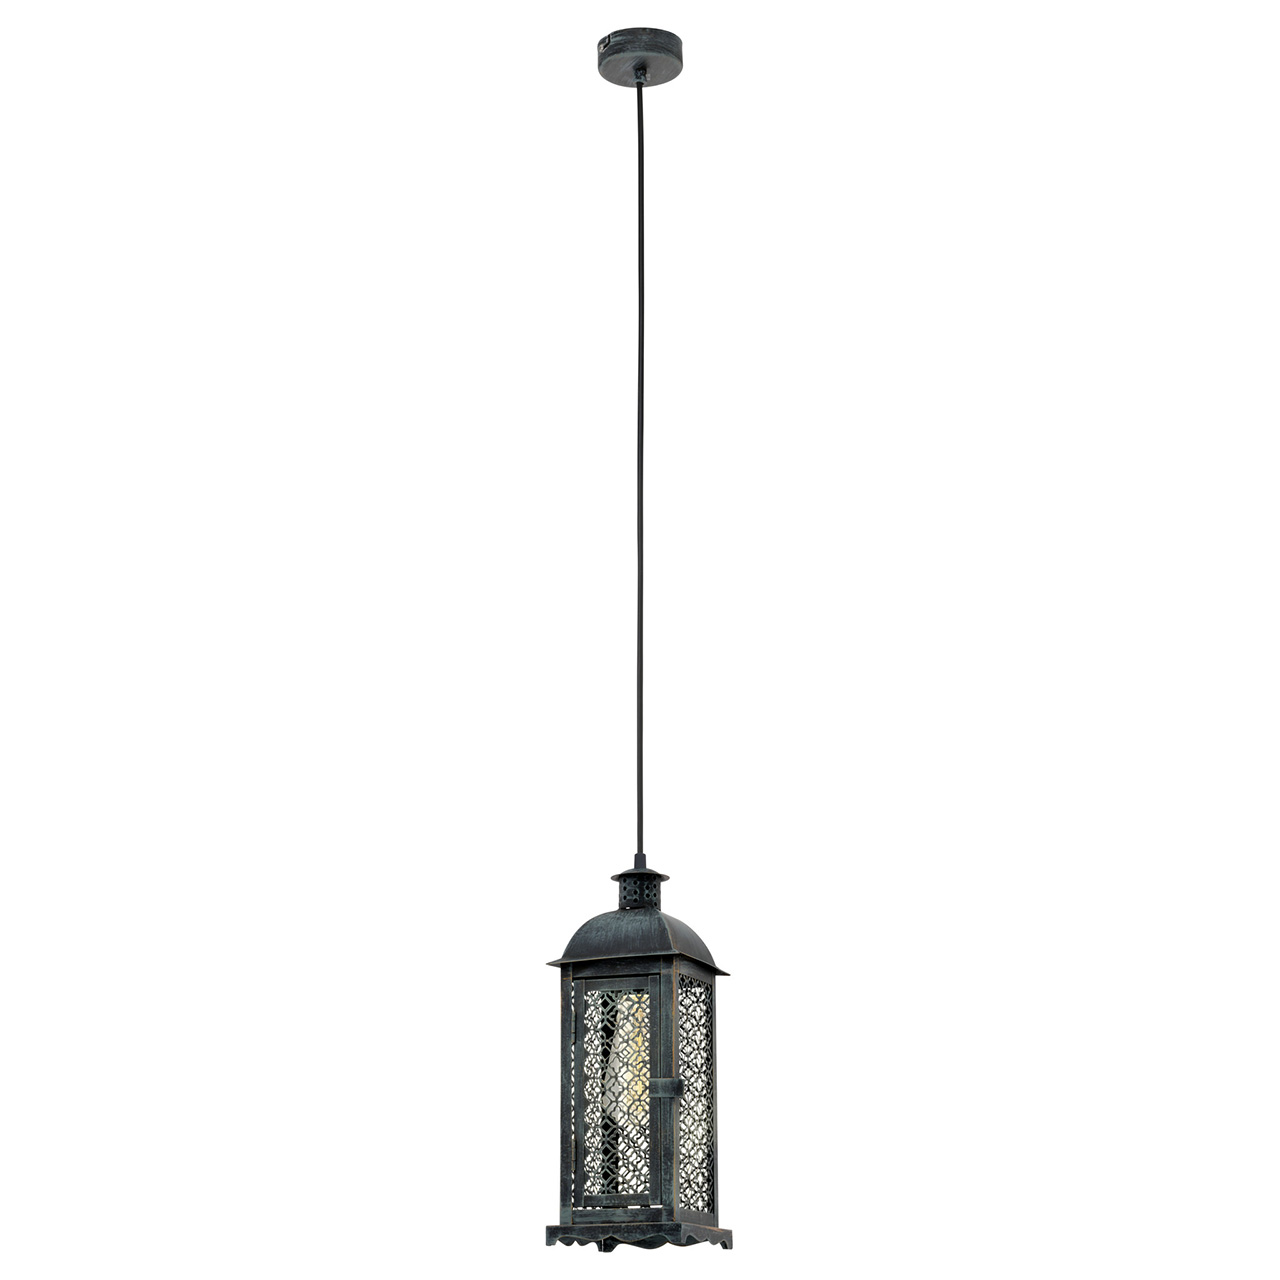 Подвесной светильник Eglo Vintage 49215 подвесной светильник eglo vintage 49205